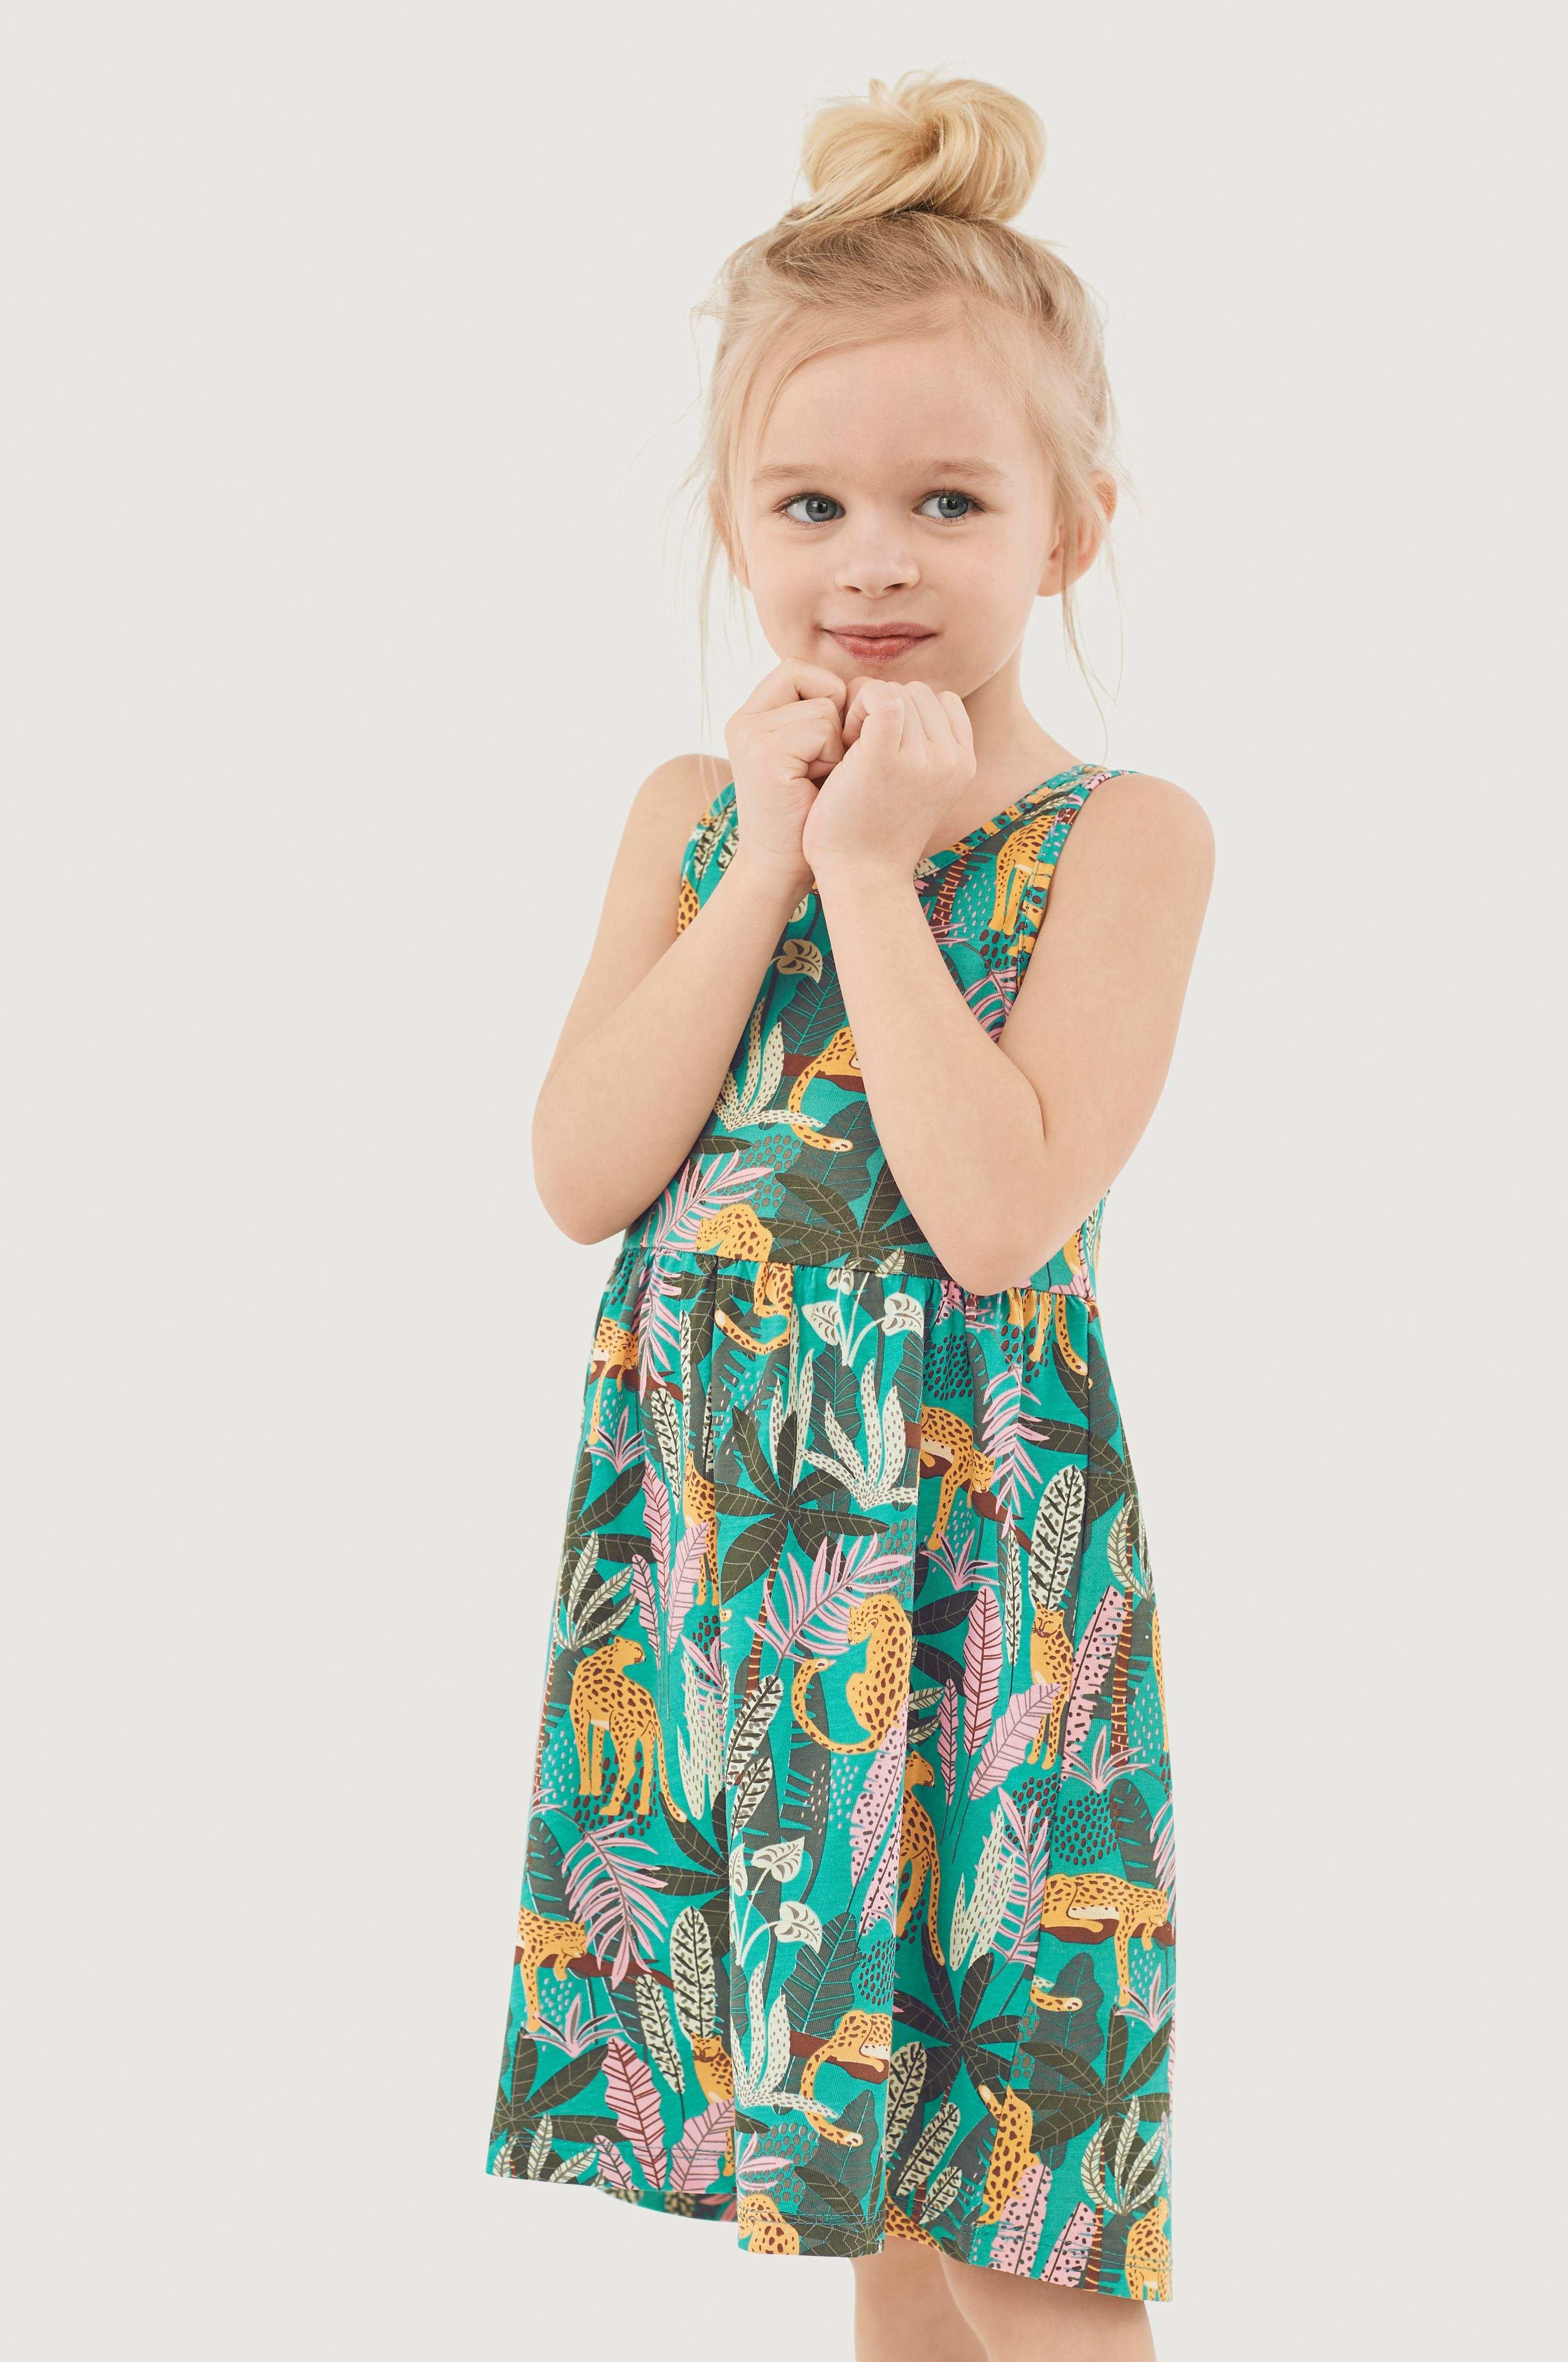 3b2c0a2756c5 Shop børnetøj og tøj til børn i alle aldre - Ellos.dk